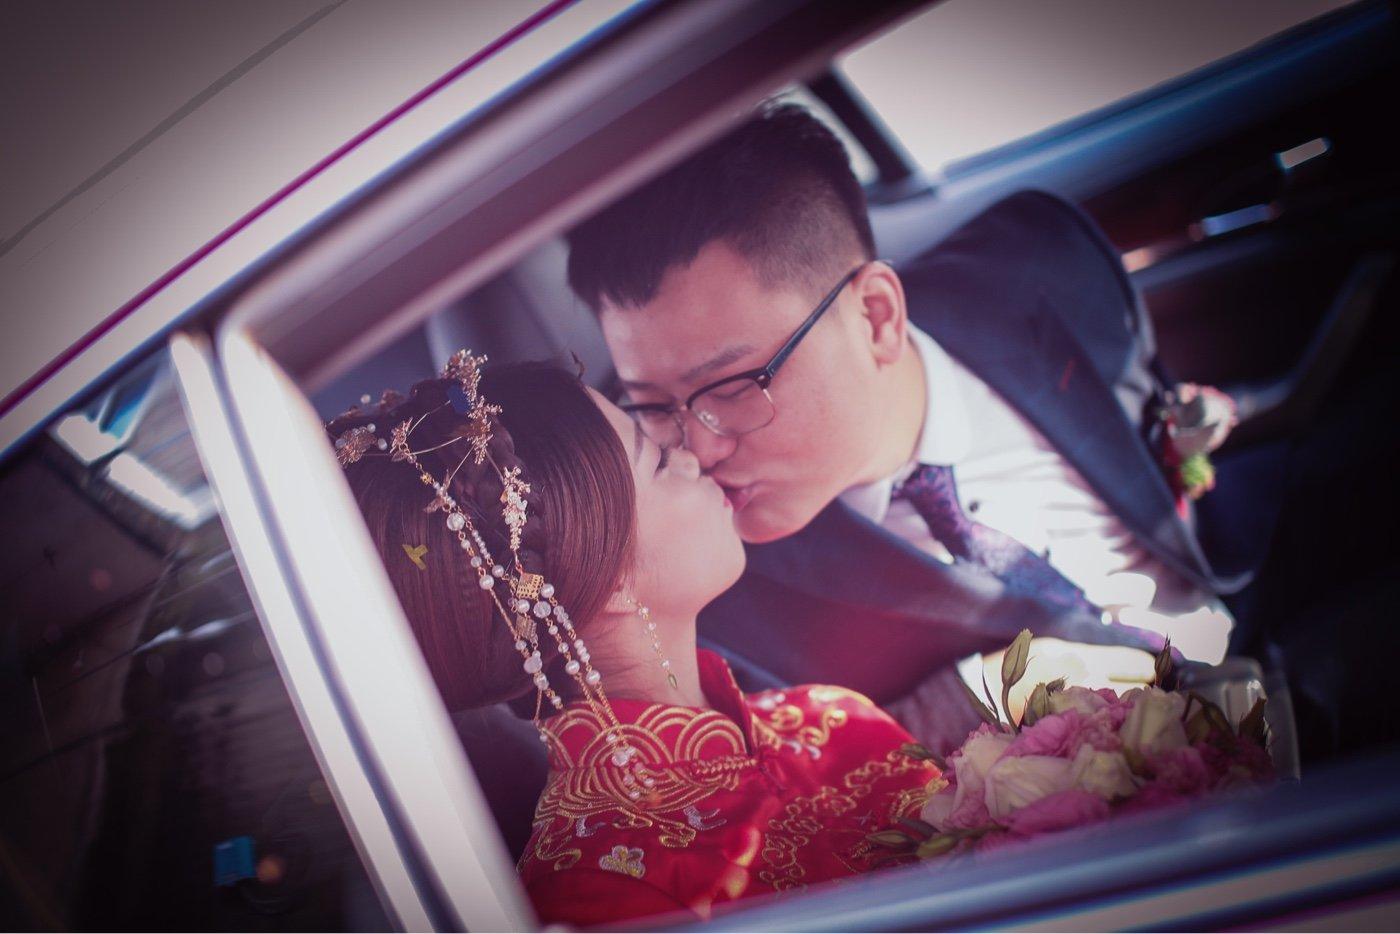 「Fantasy Wedding」&滨湖世纪金源酒店6